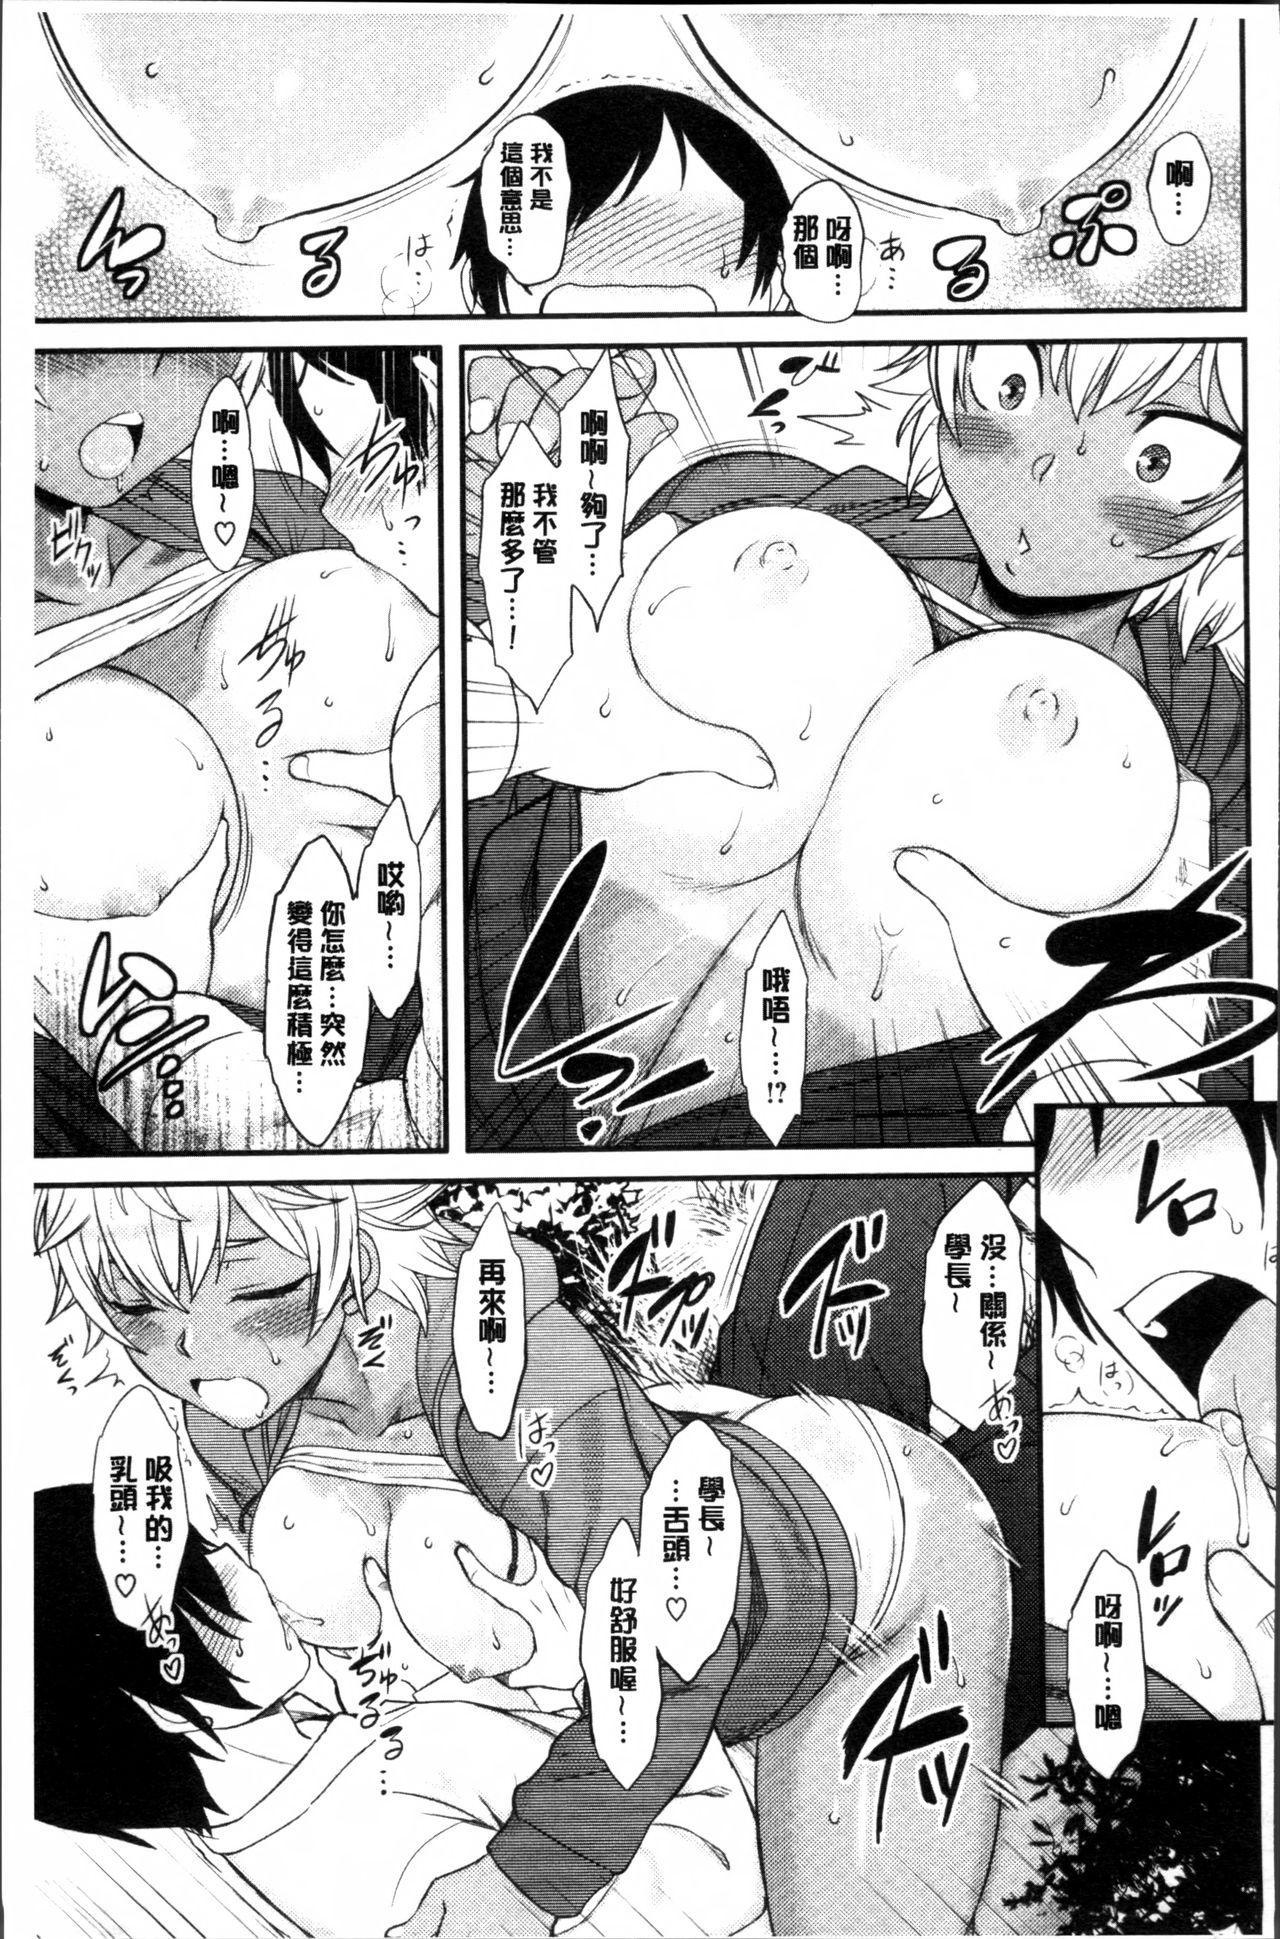 Hatsukoi Splash! 129